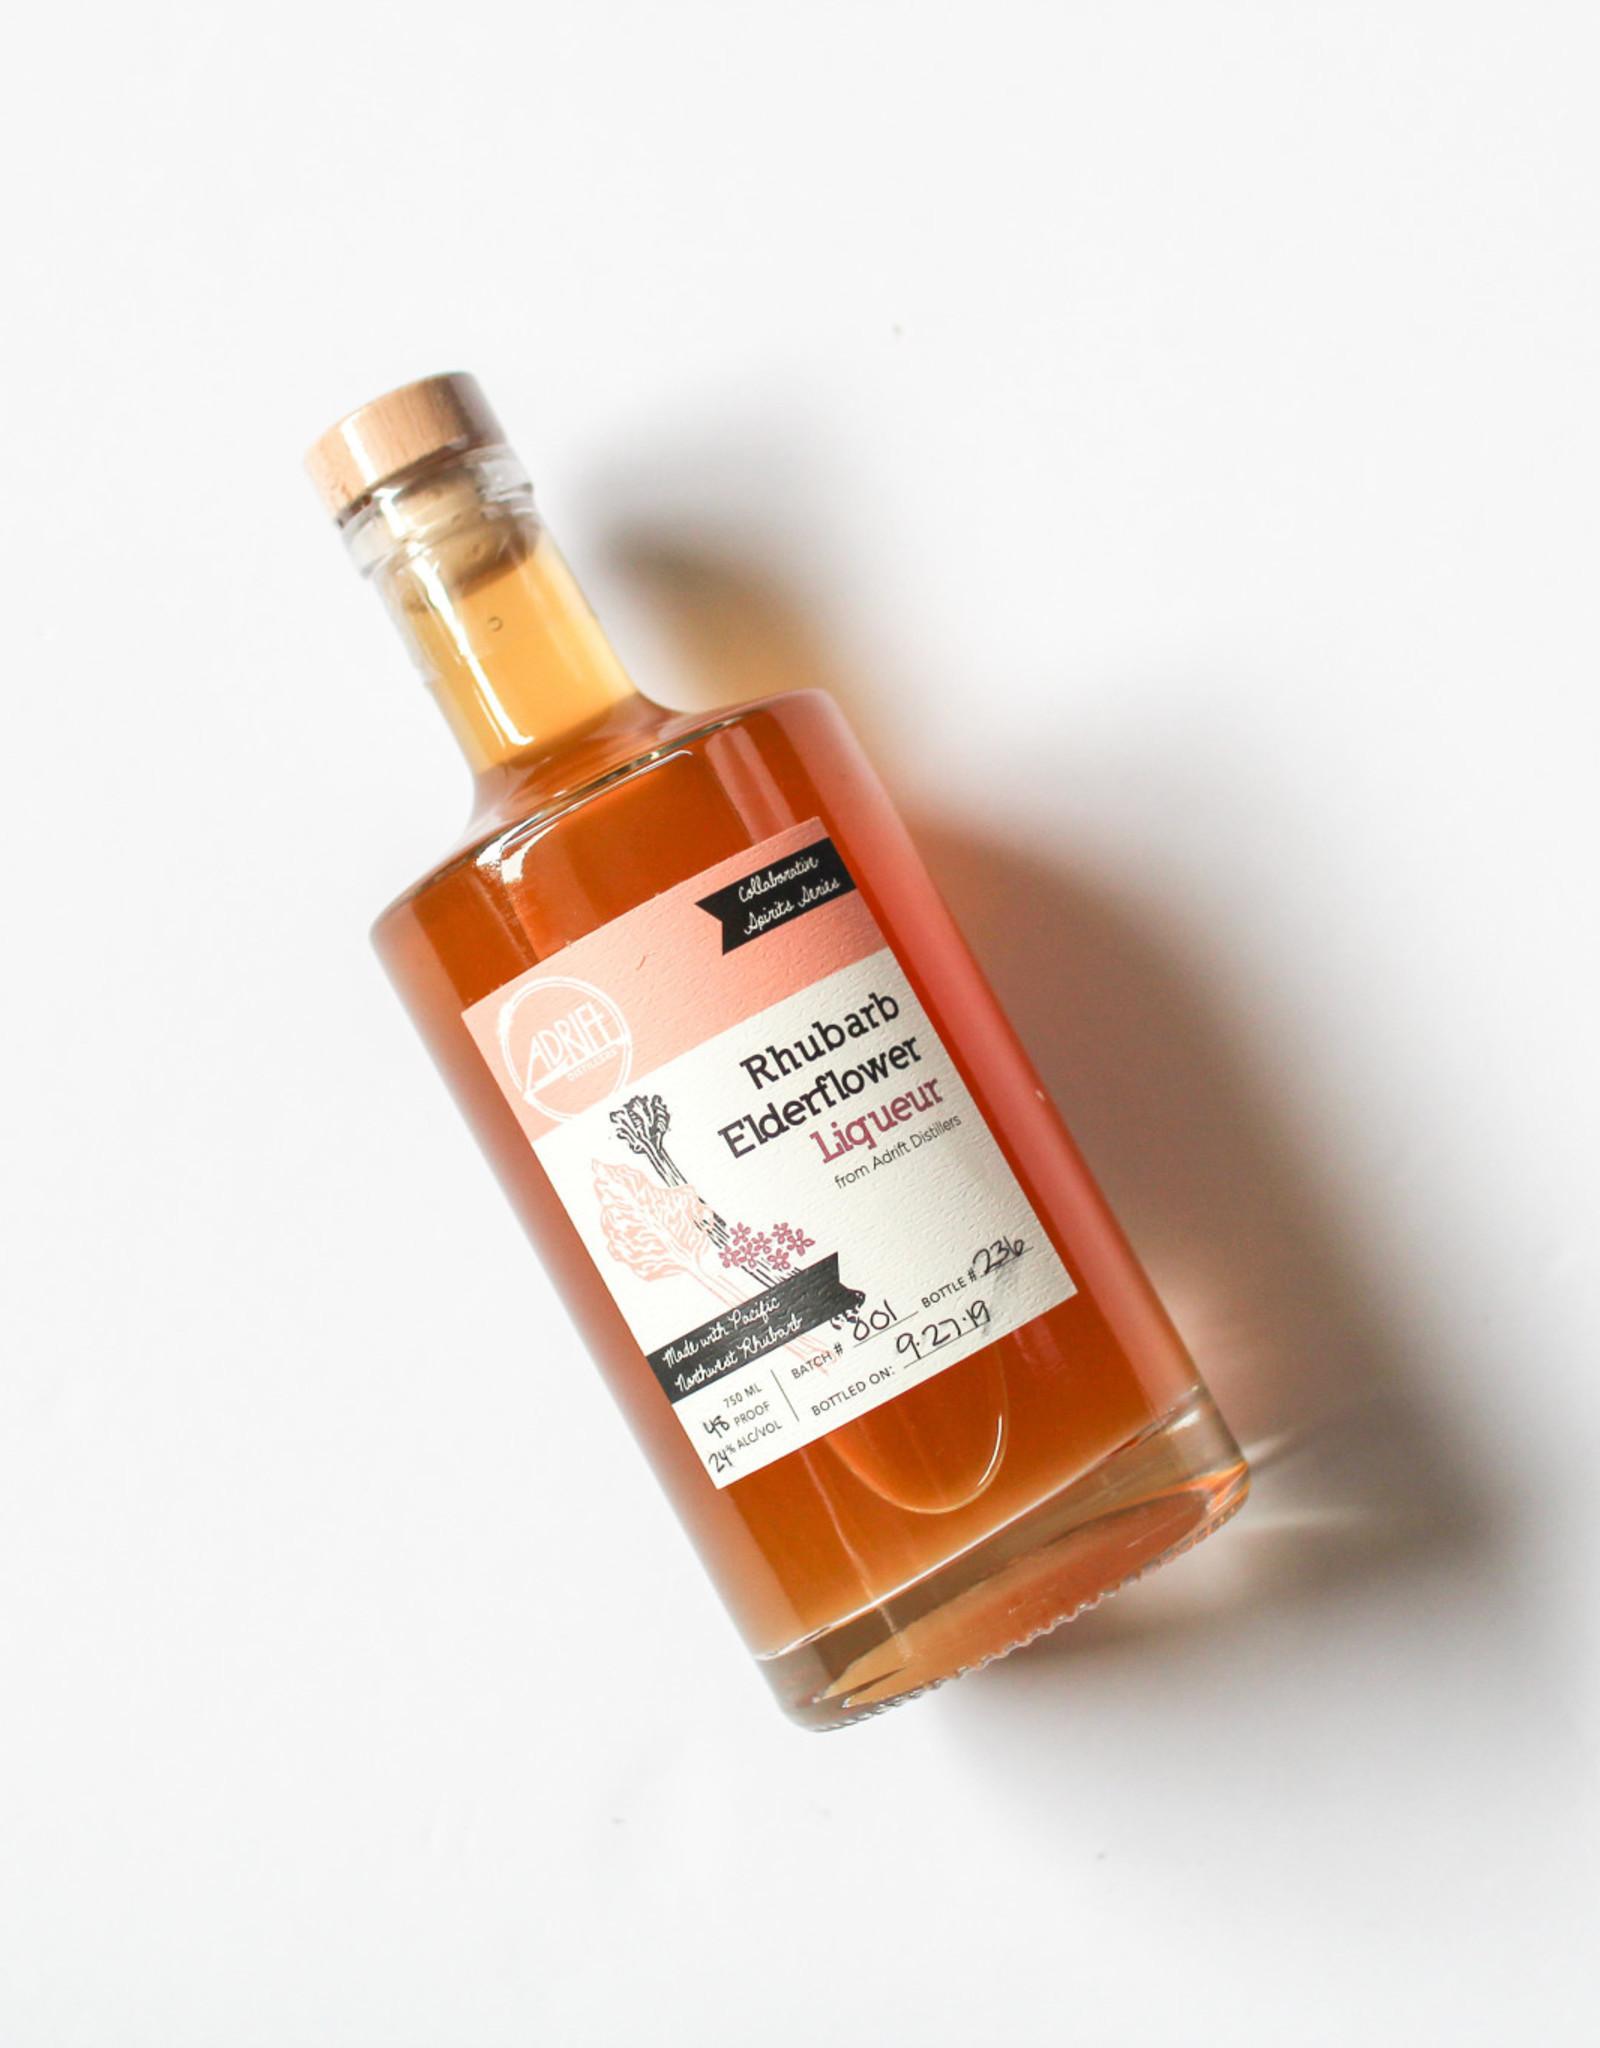 Adrift Distillers Rhubarb Elderflower Liqueur